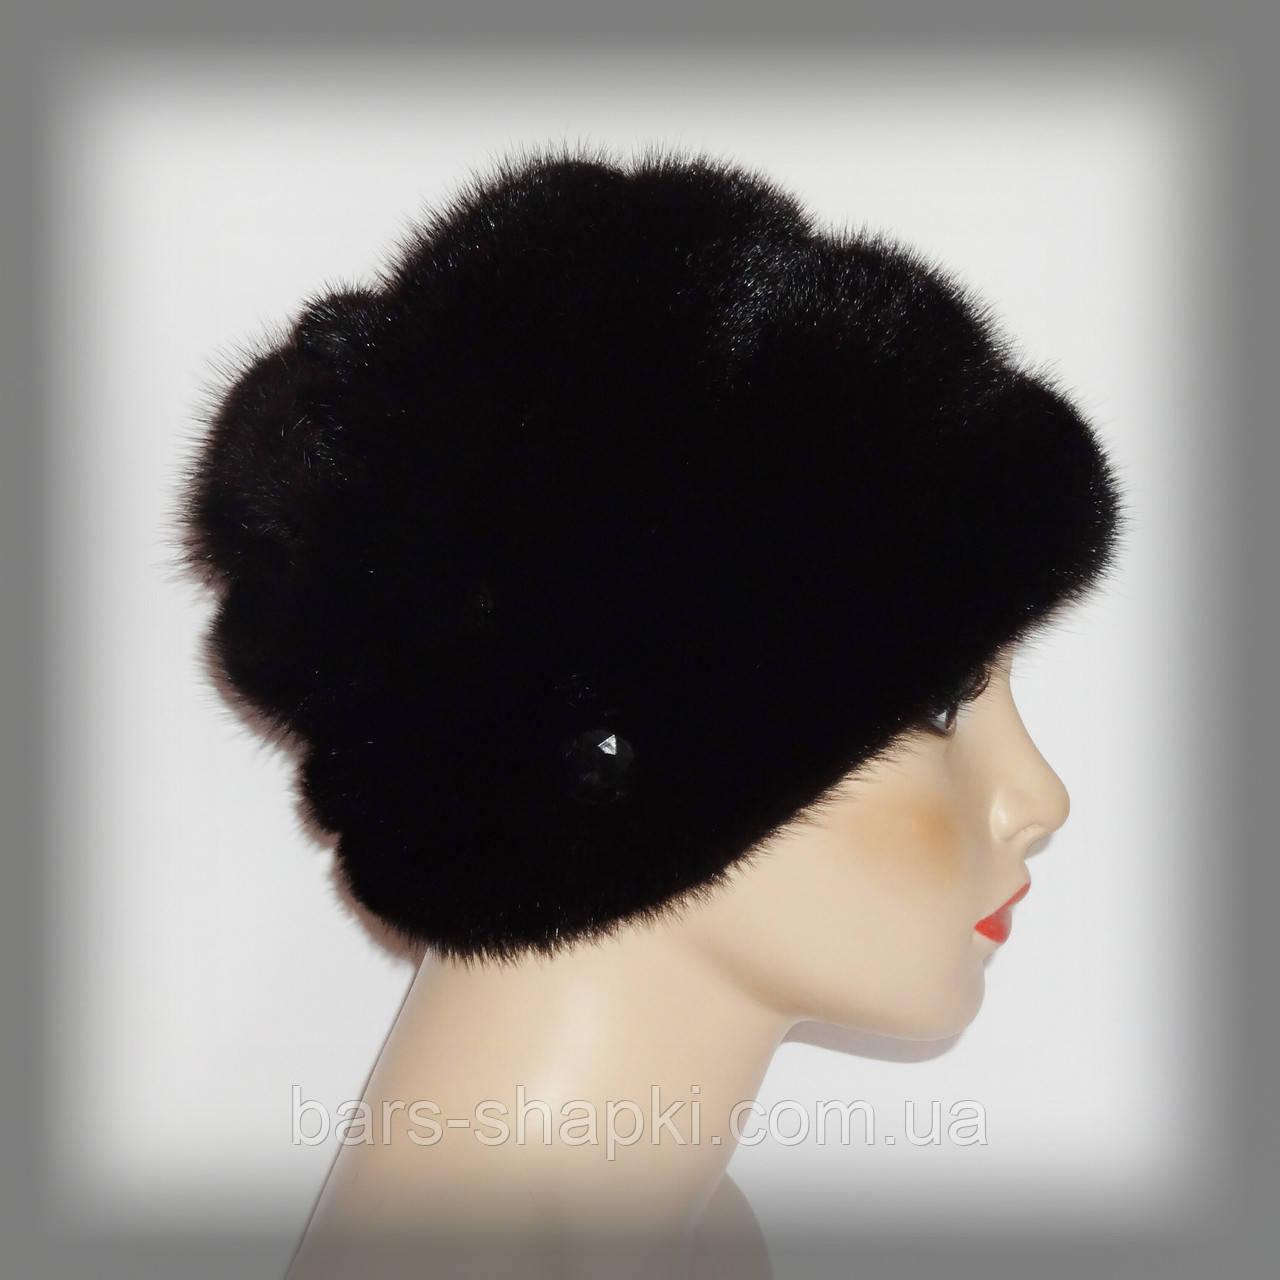 Женские норковые шапки в Кировограде